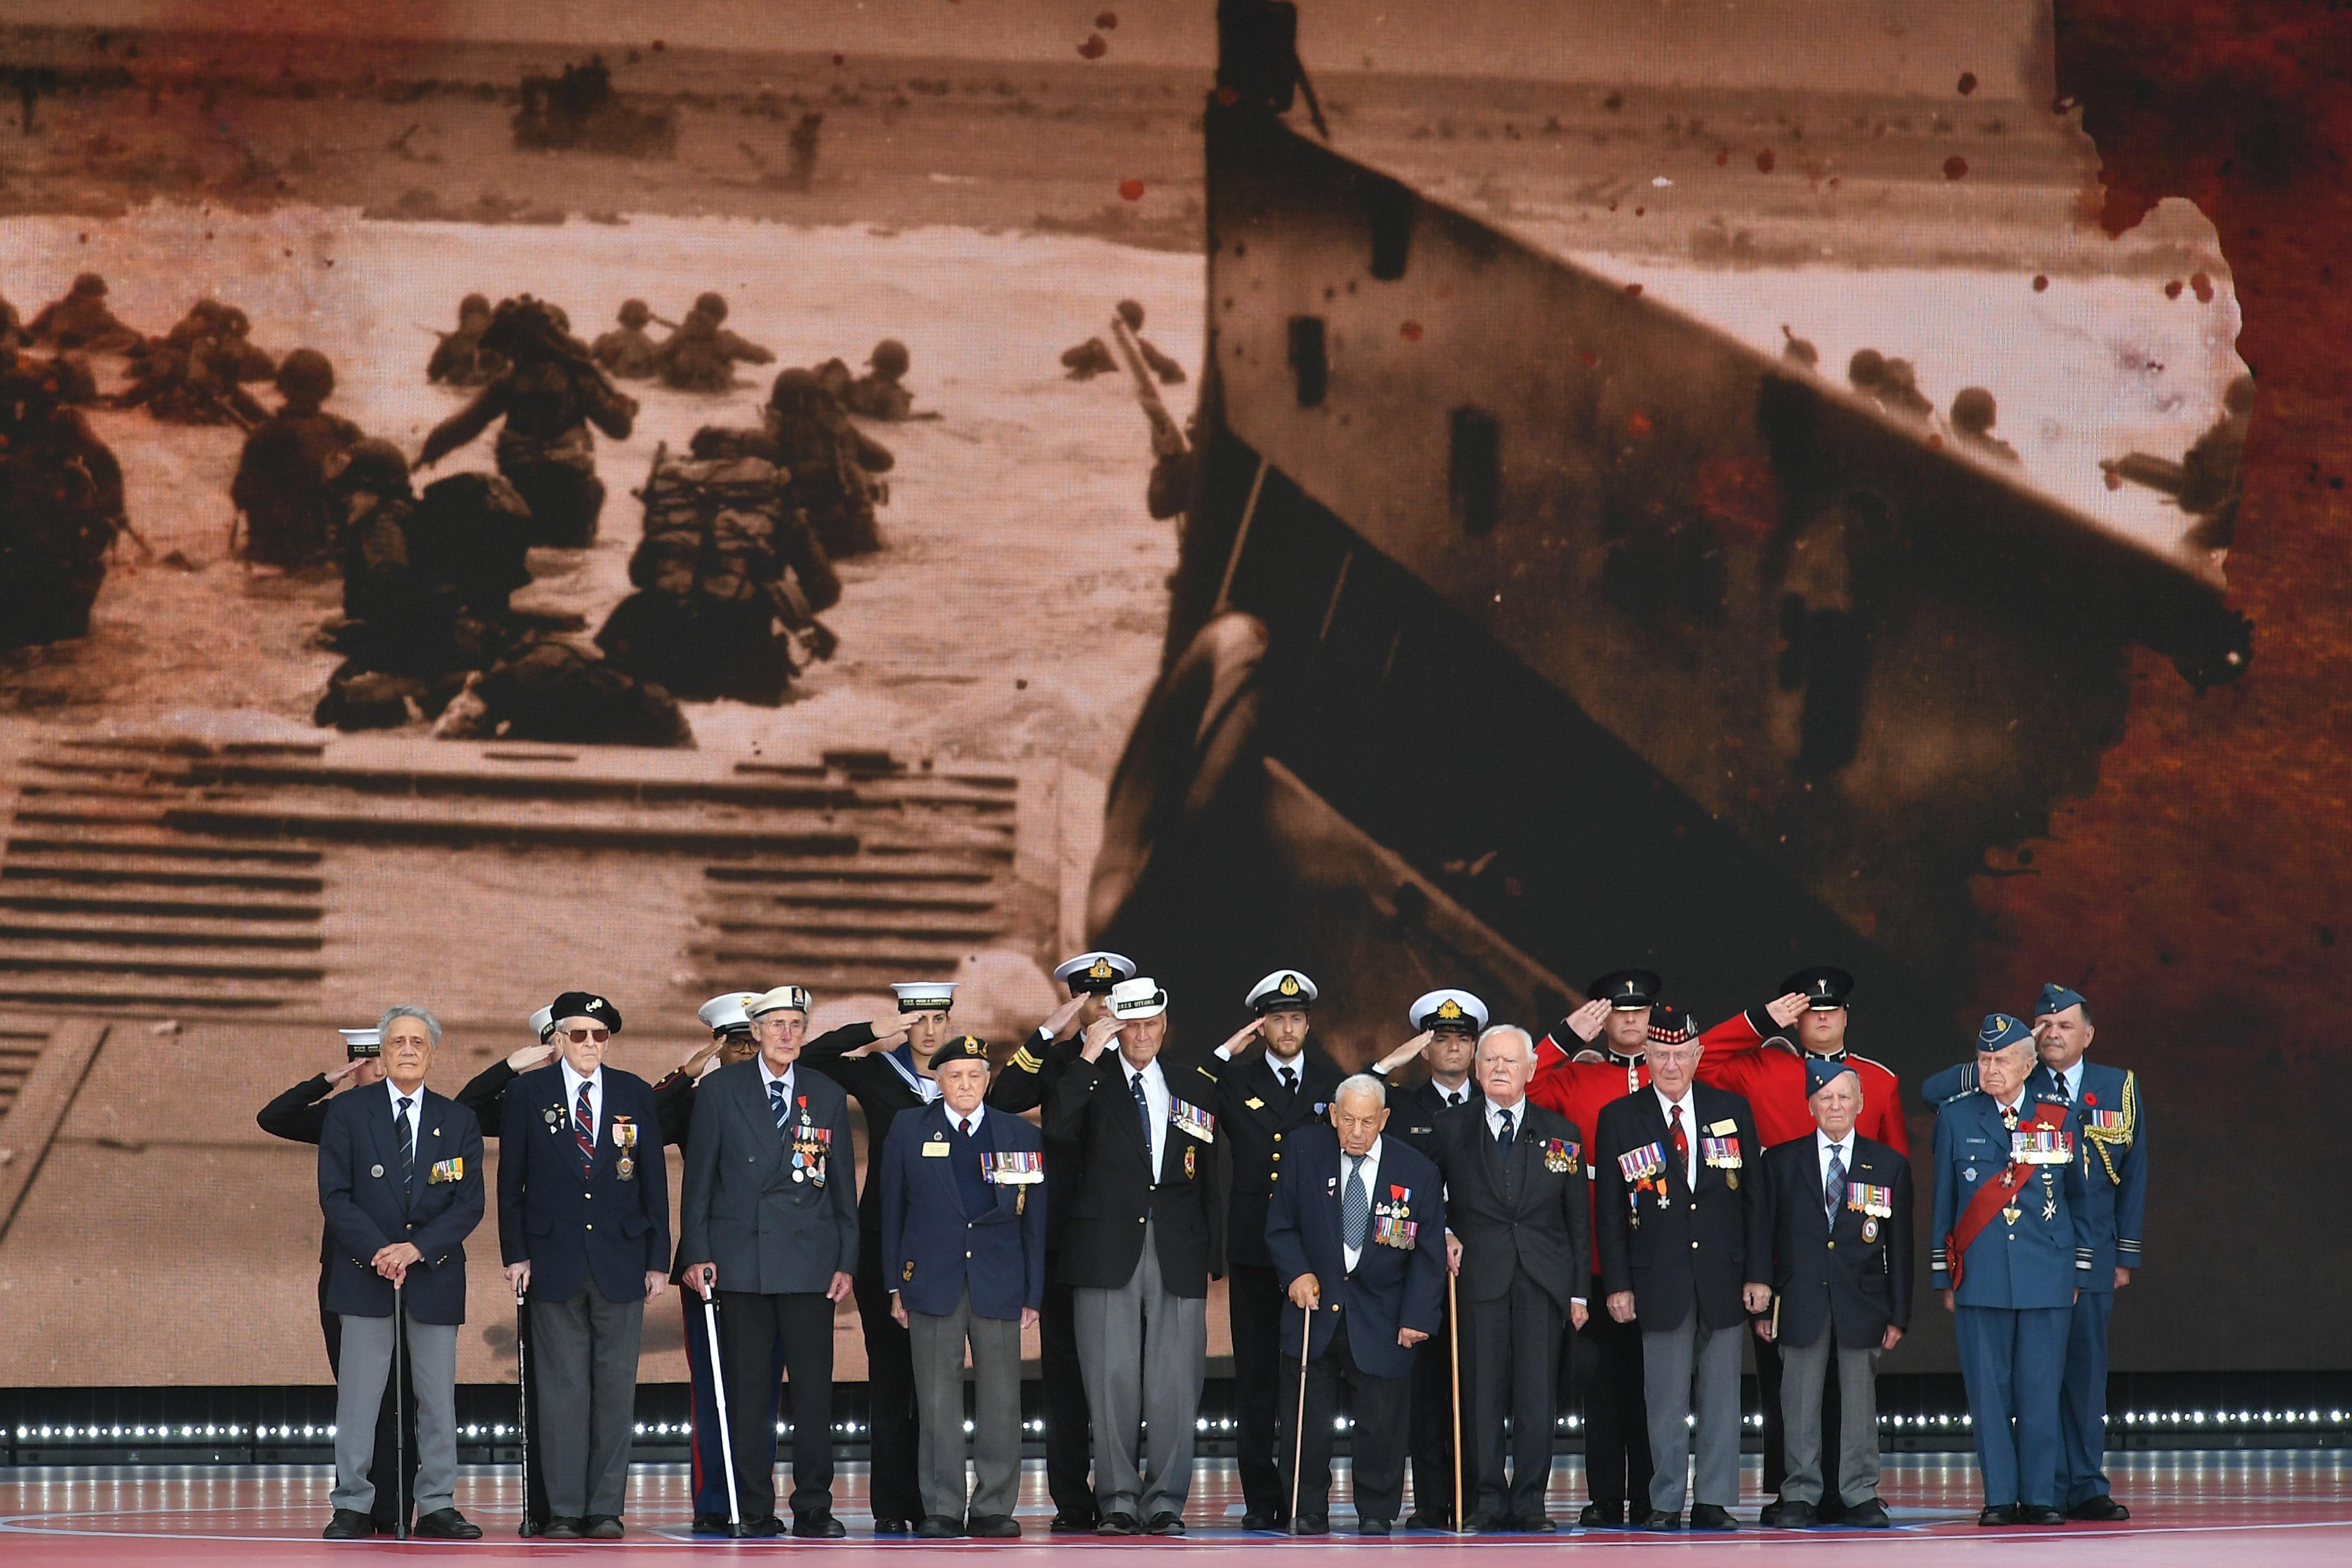 """محاربون قدماء يشاركون في احتفالات ذكرى إنزال """"النورماندي"""" في مدينة بورتسموث البريطانية"""